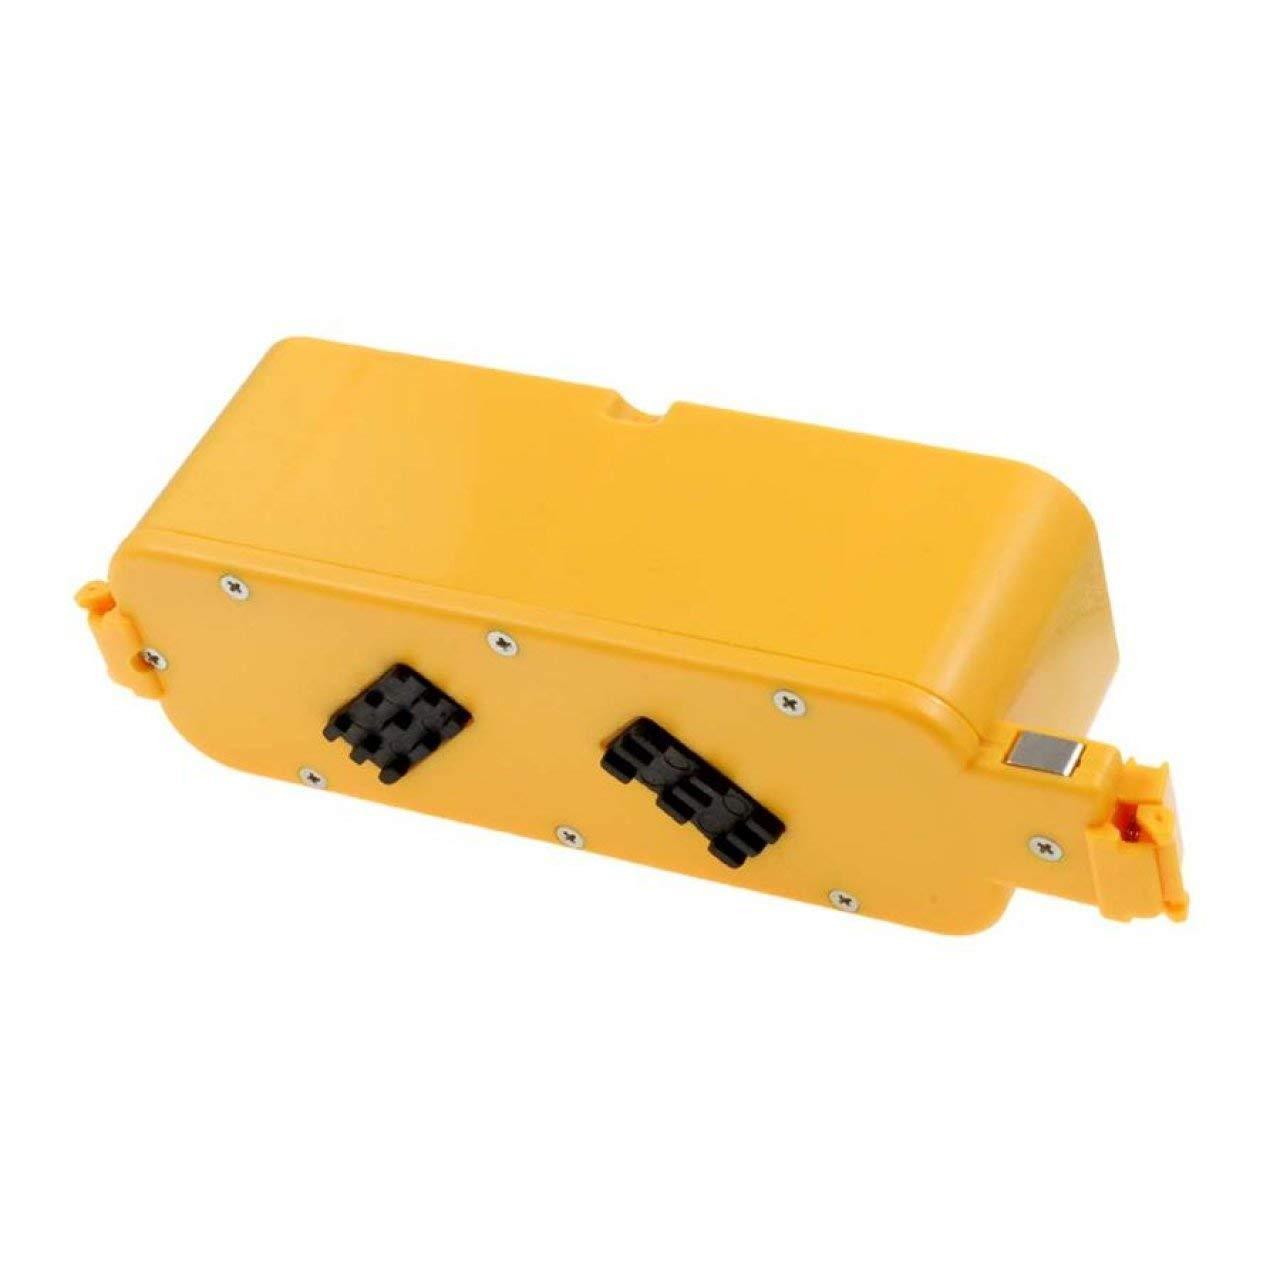 Powery Batería para Aspirador Vileda M-488a Cleaning Robot: Amazon.es: Electrónica